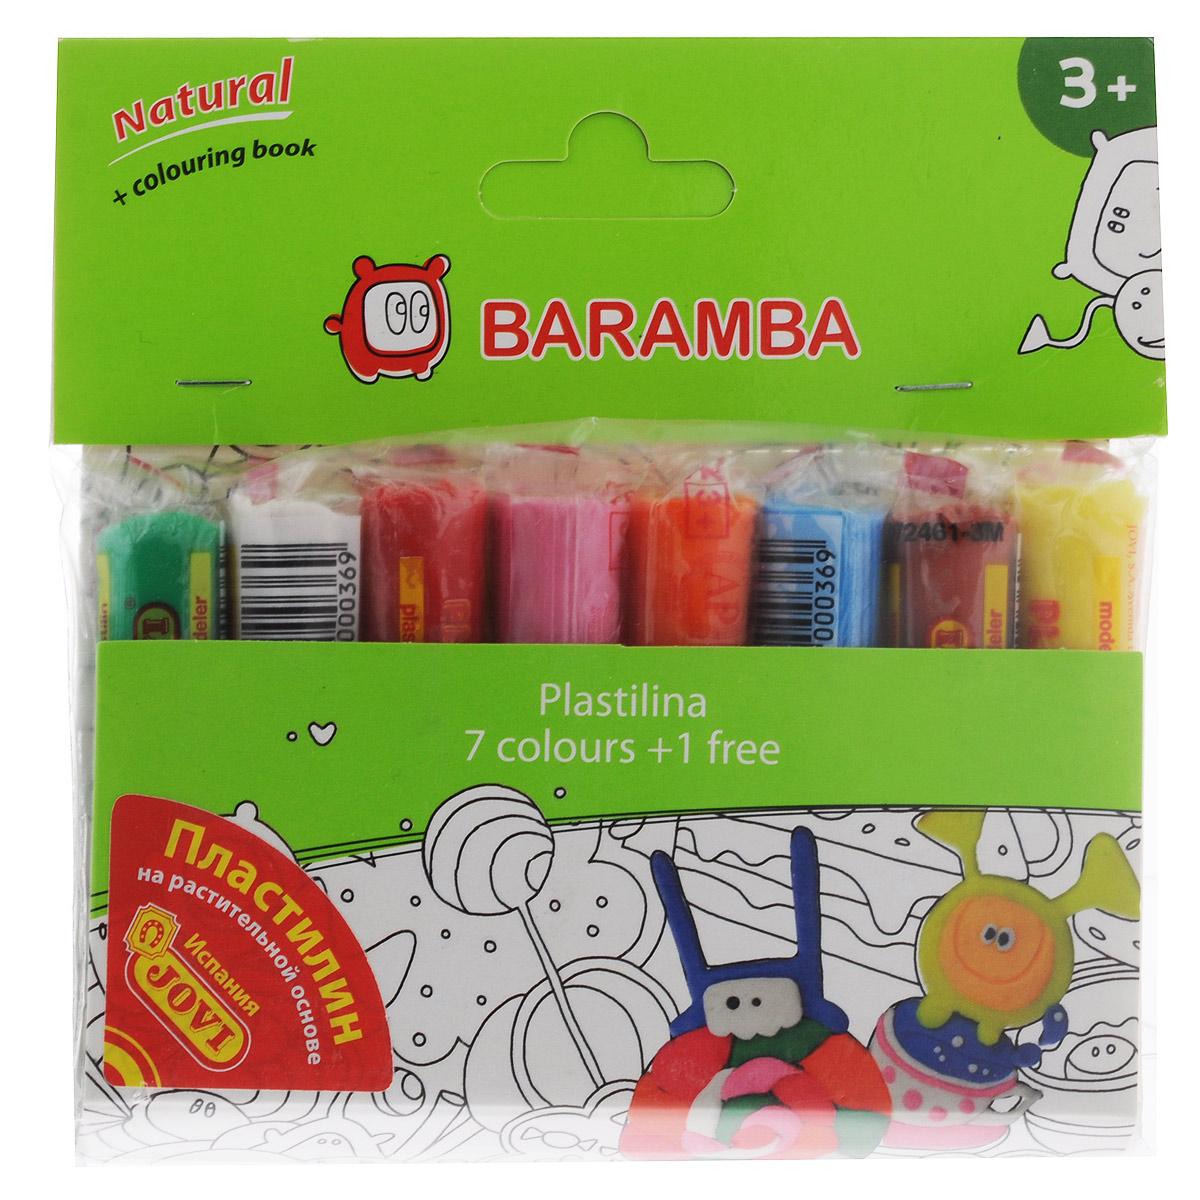 Пластилин на натуральной основе Baramba, с пищевыми красителями, 8 цветовPlay 8654Пластилин Baramba это отличная возможность познакомить ребенка с еще одним из видов изобразительного творчества, в котором создаются объемные образы и целые композиции. В набор входит пластилин 8 ярких цветов (зеленый, белый, красный, розовый, оранжевый, голубой, коричневый, желтый), раскраска.Цвета пластилина легко смешиваются между собой, и таким образом можно получить новые оттенки. Пластилин на растительной основе имеет яркие, красочные цвета и не липнет к рукам, не сохнет.Техника лепки богата и разнообразна, но при этом доступна даже маленьким детям. Занятие лепкой не только увлекательно, но и полезно для ребенка. Оно способствует развитию творческого и пространственного мышления, восприятия формы, фактуры, цвета и веса, развивает воображение и мелкую моторику.